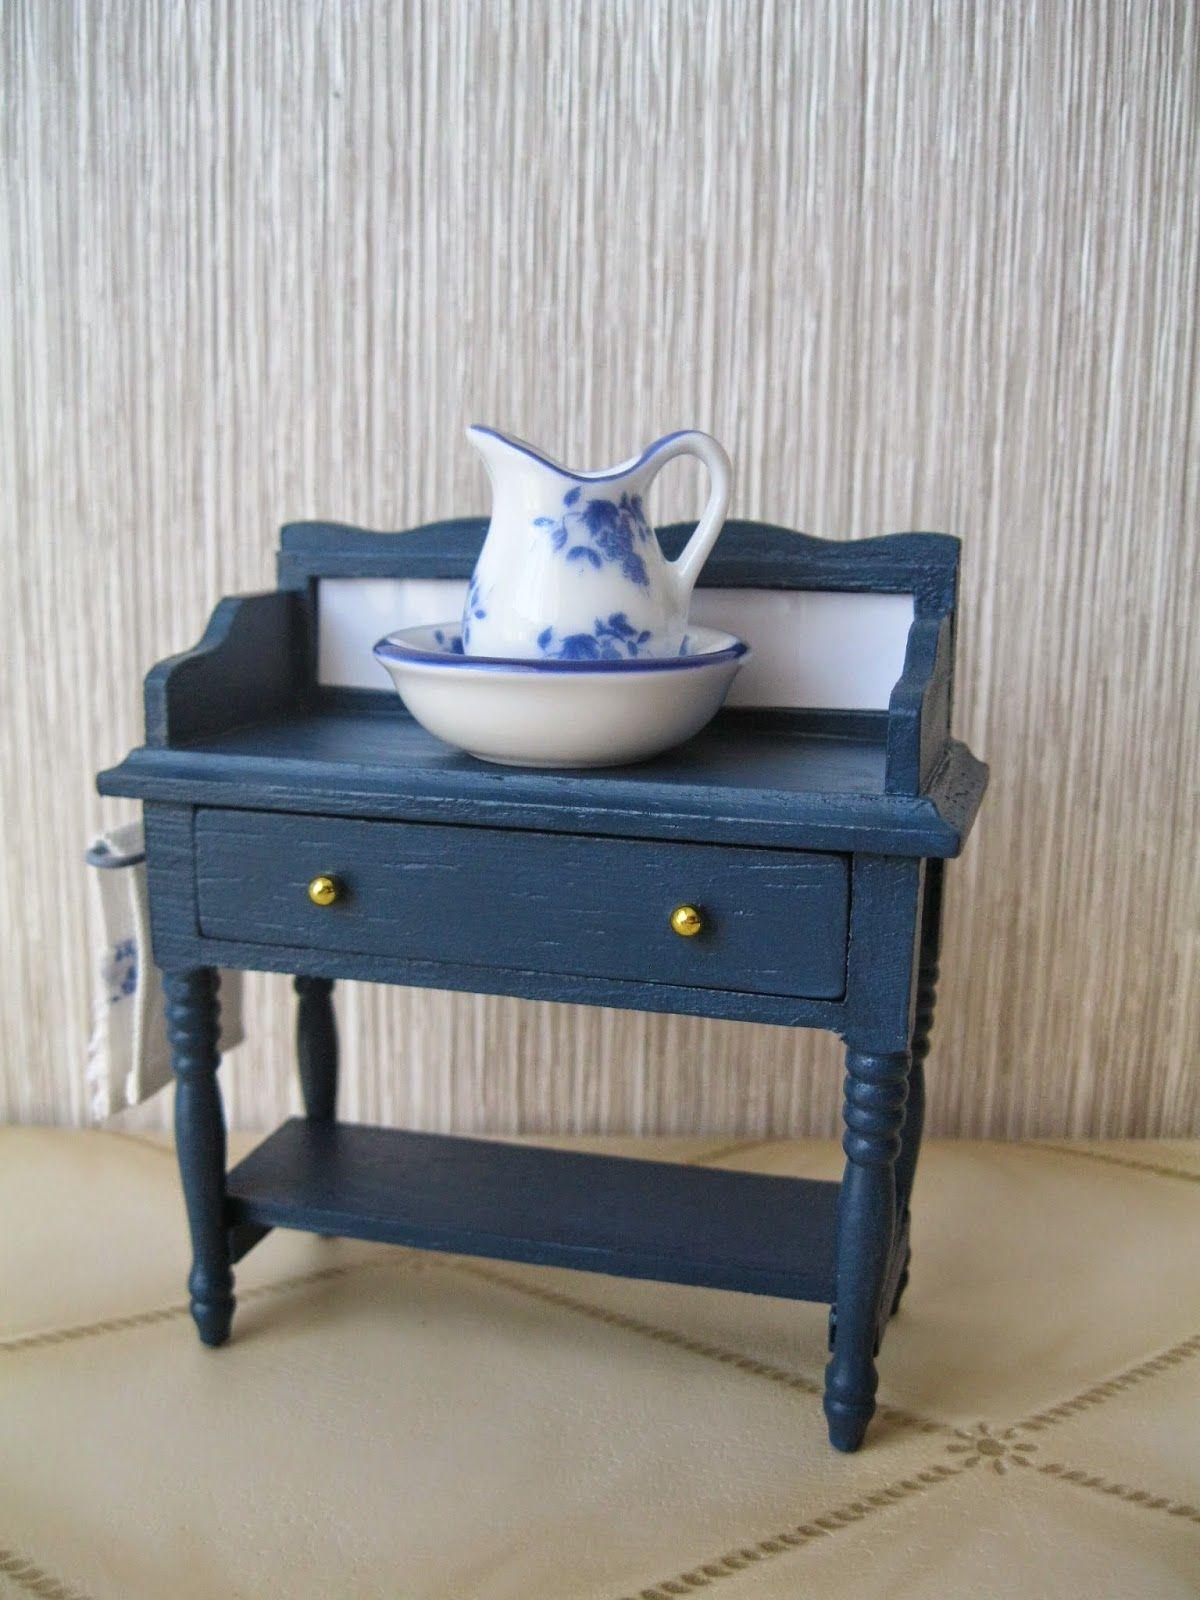 Pues Eso Otro Mueble Para El Ba O Tuneado Sencillo Pero Muy  # Muebles Muy Bonitos